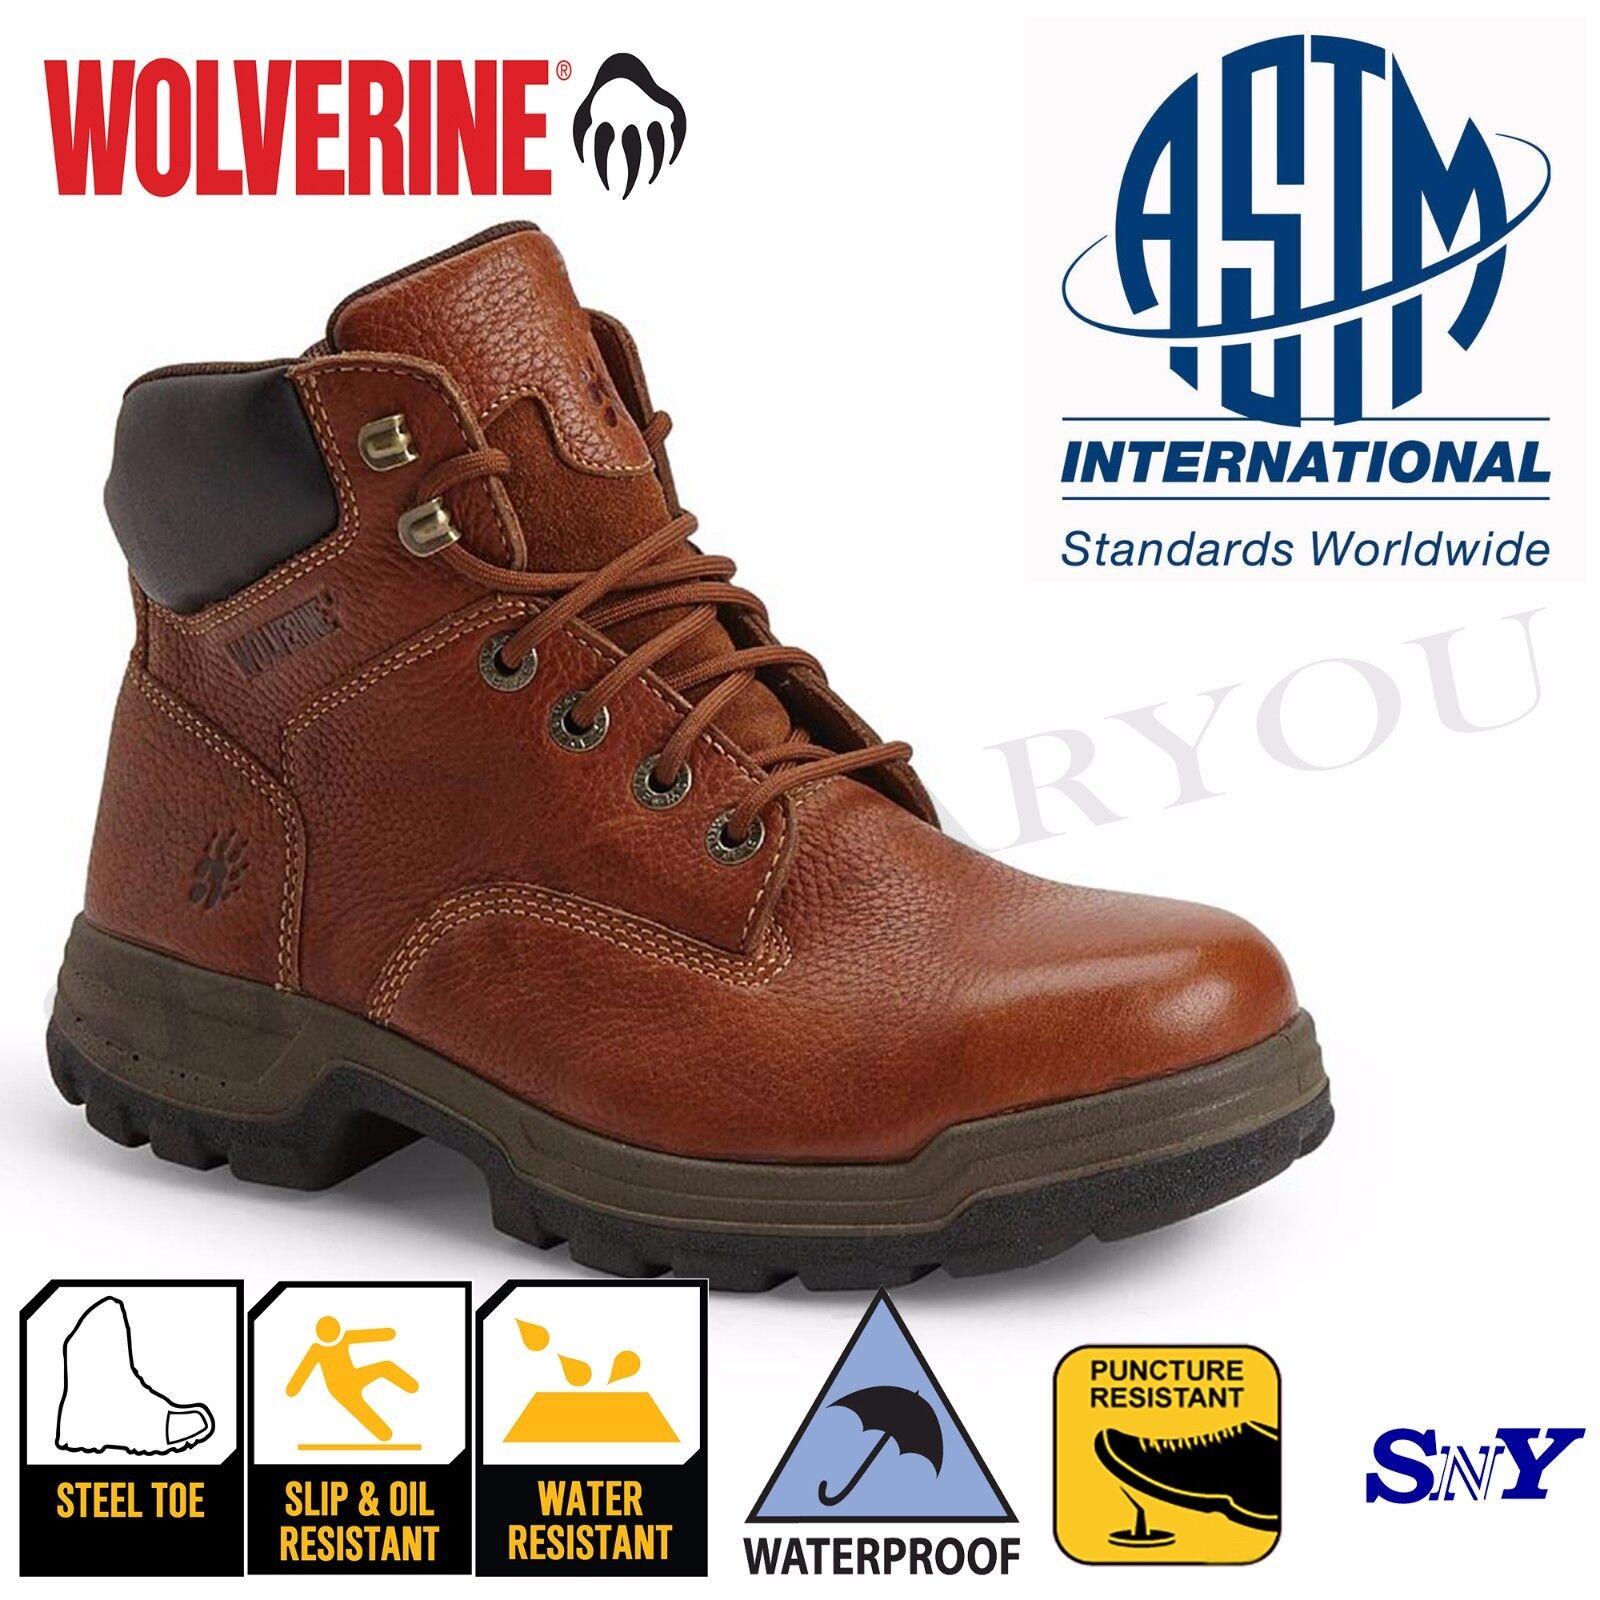 6  Steel Toe Work Boots Waterproof Slip Resistant Fiberglass Shank ASTM rated wv